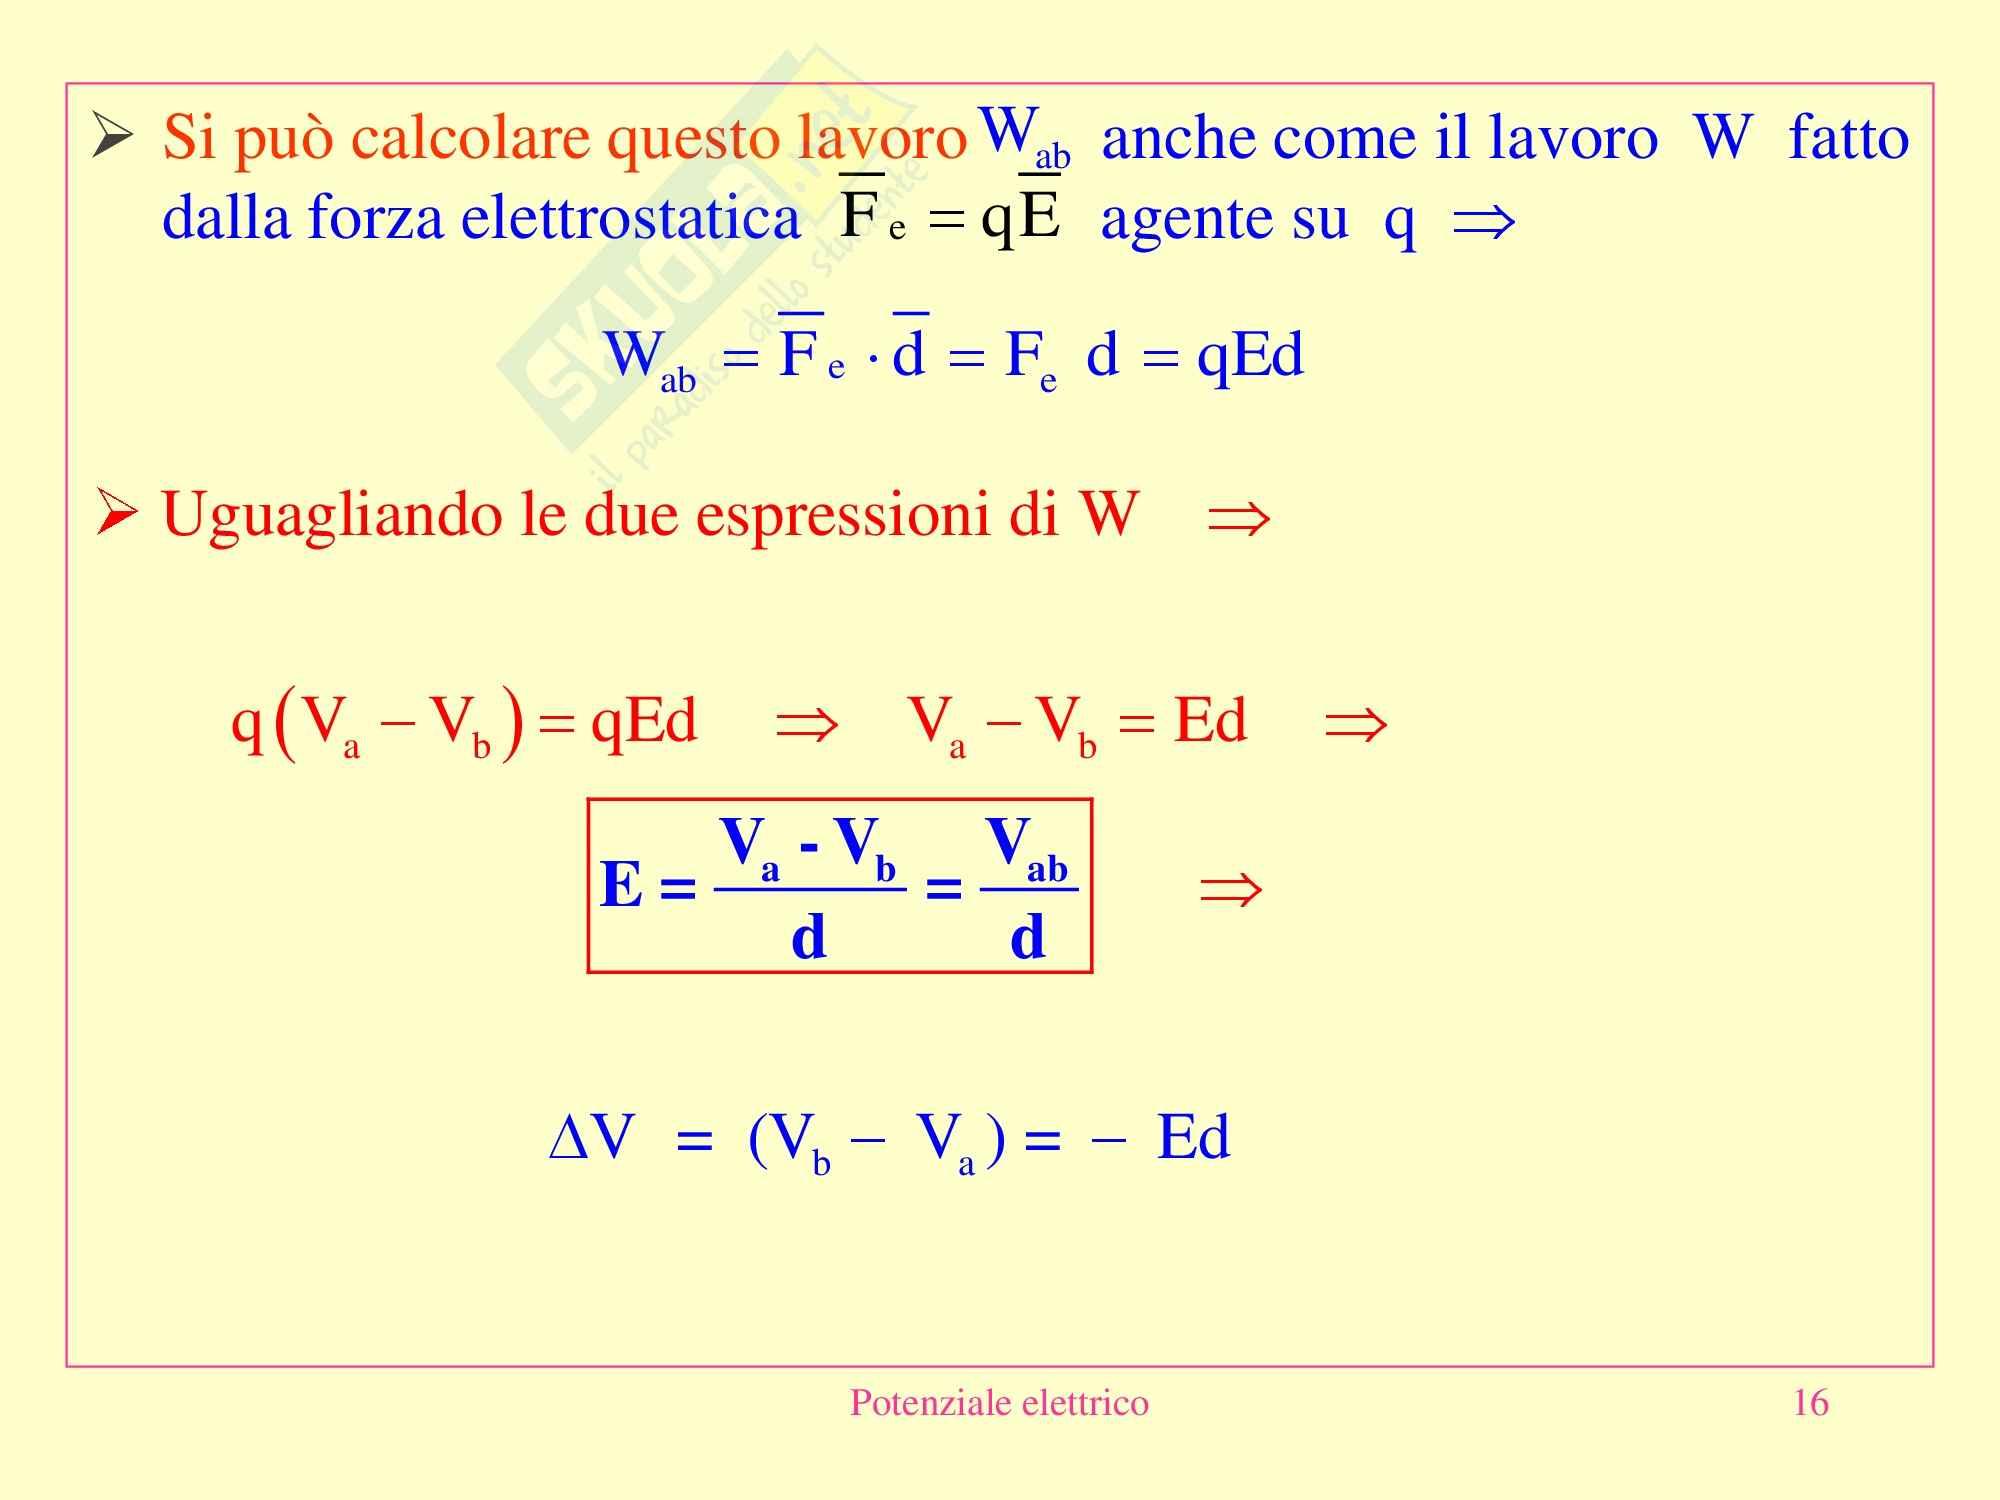 Fisica applicata - Potenziale elettrico Pag. 16